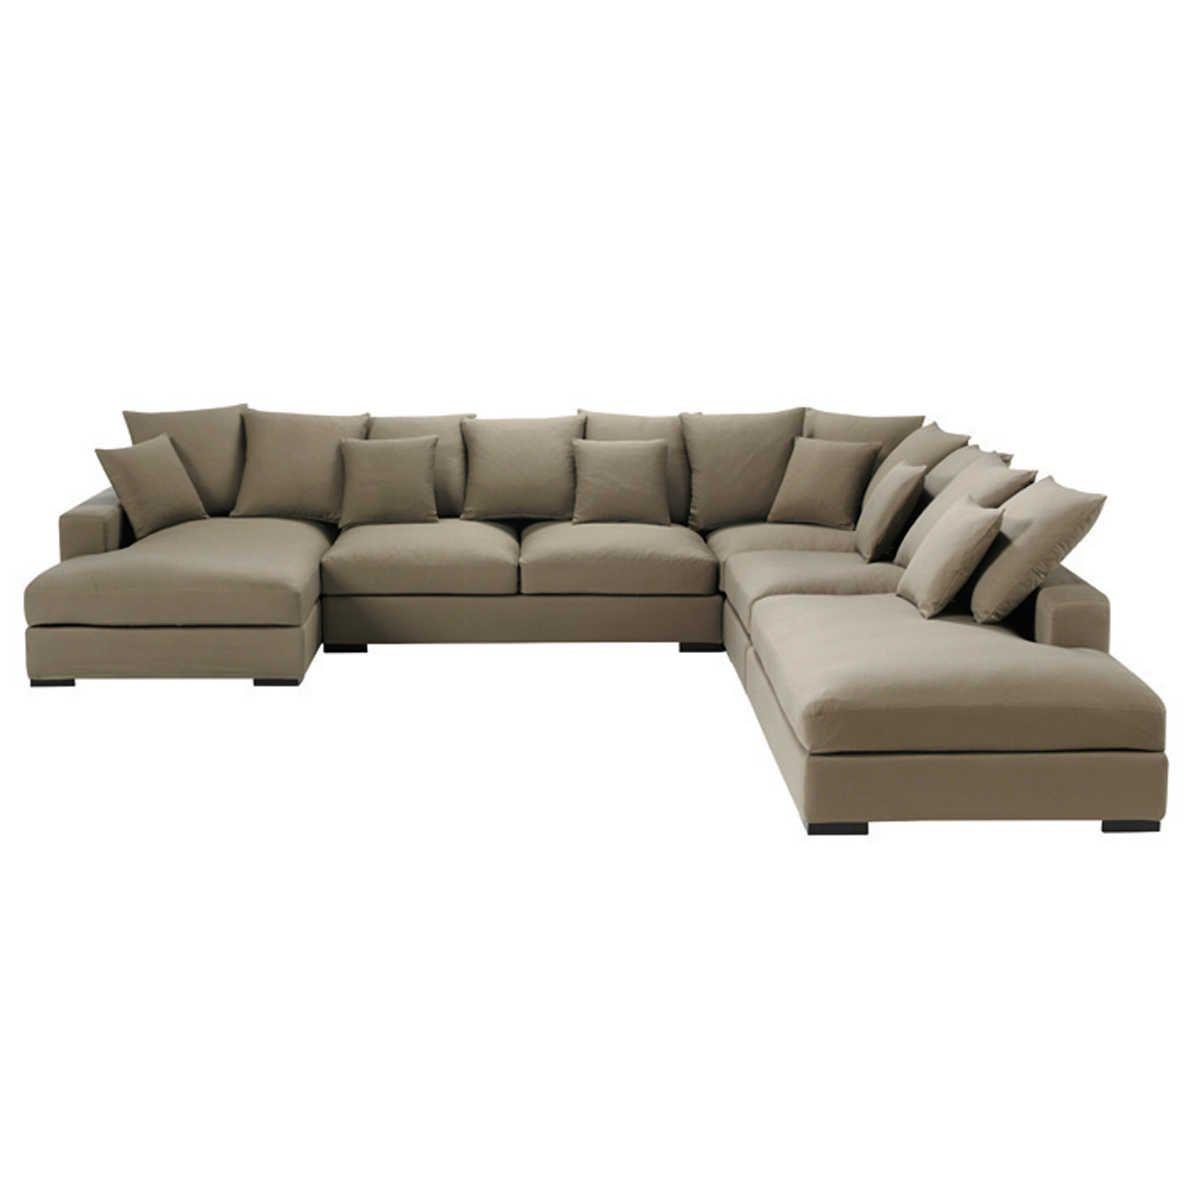 Canape D Angle Corner Sofa Modular Corner Sofa Black Corner Sofa